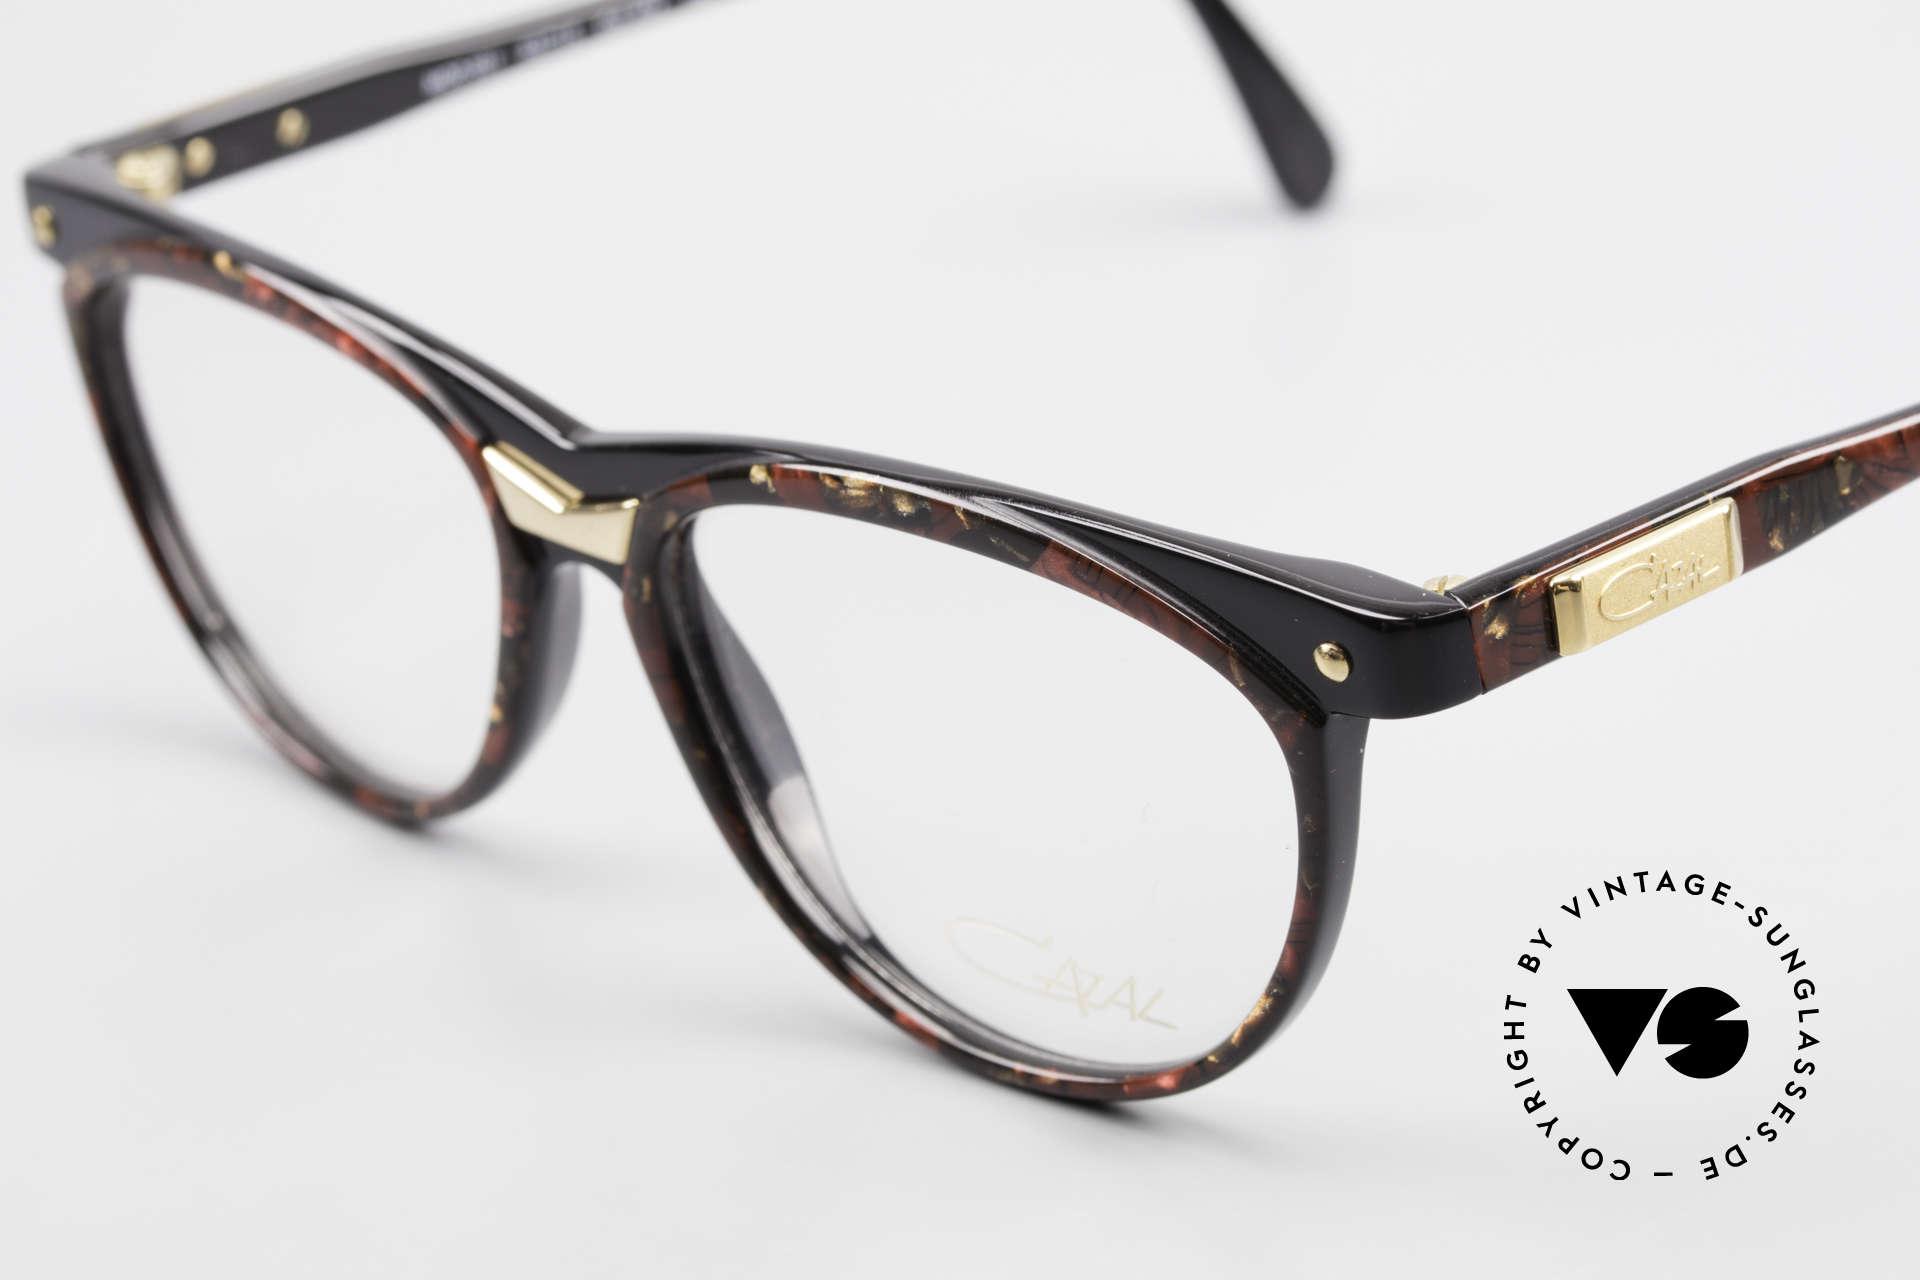 Cazal 331 True Vintage Designer Brille, ungetragen (wie alle unsere vintage Cazal Brillen), Passend für Herren und Damen